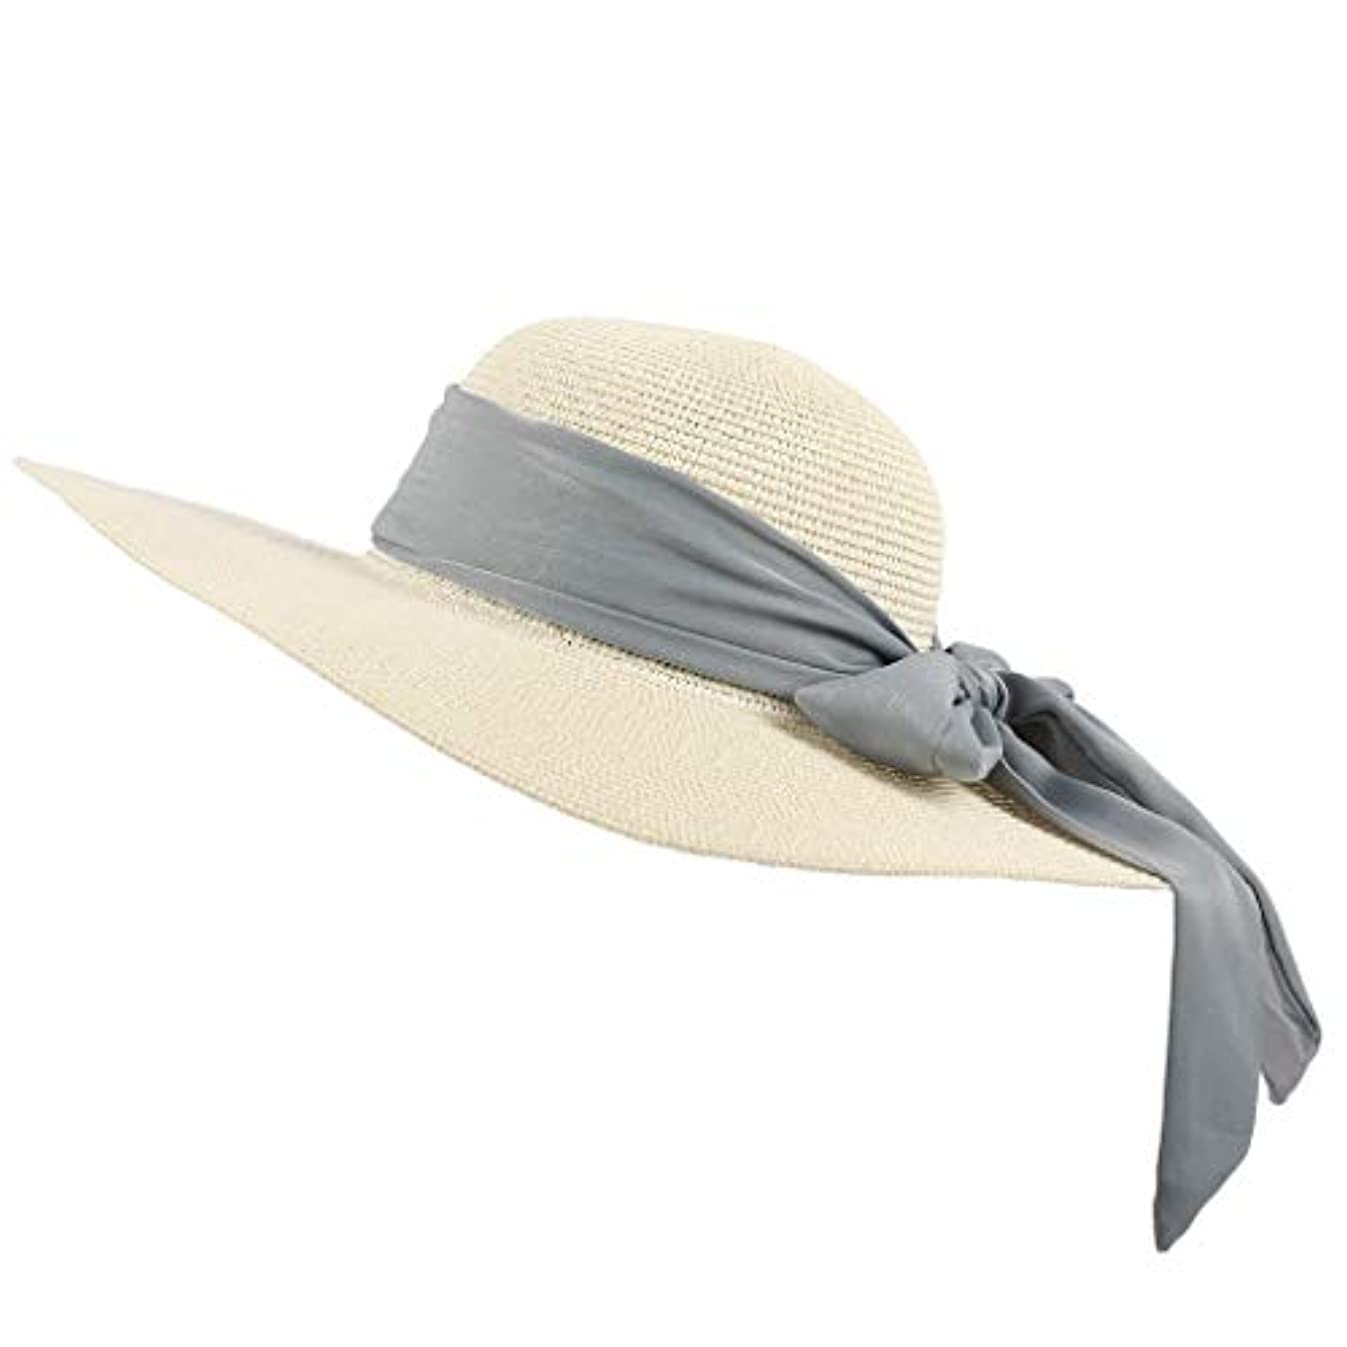 アルカイックピクニックマイルド帽子 レディース ROSE ROMAN UVカット ハット 紫外線対策 可愛い 小顔効果抜群 日よけ つば広 おしゃれ 可愛い 夏季 海 旅行 無地 ビーチ 海辺 ワイルド パーティー ダンスパーティー パーティー シンプル 発送